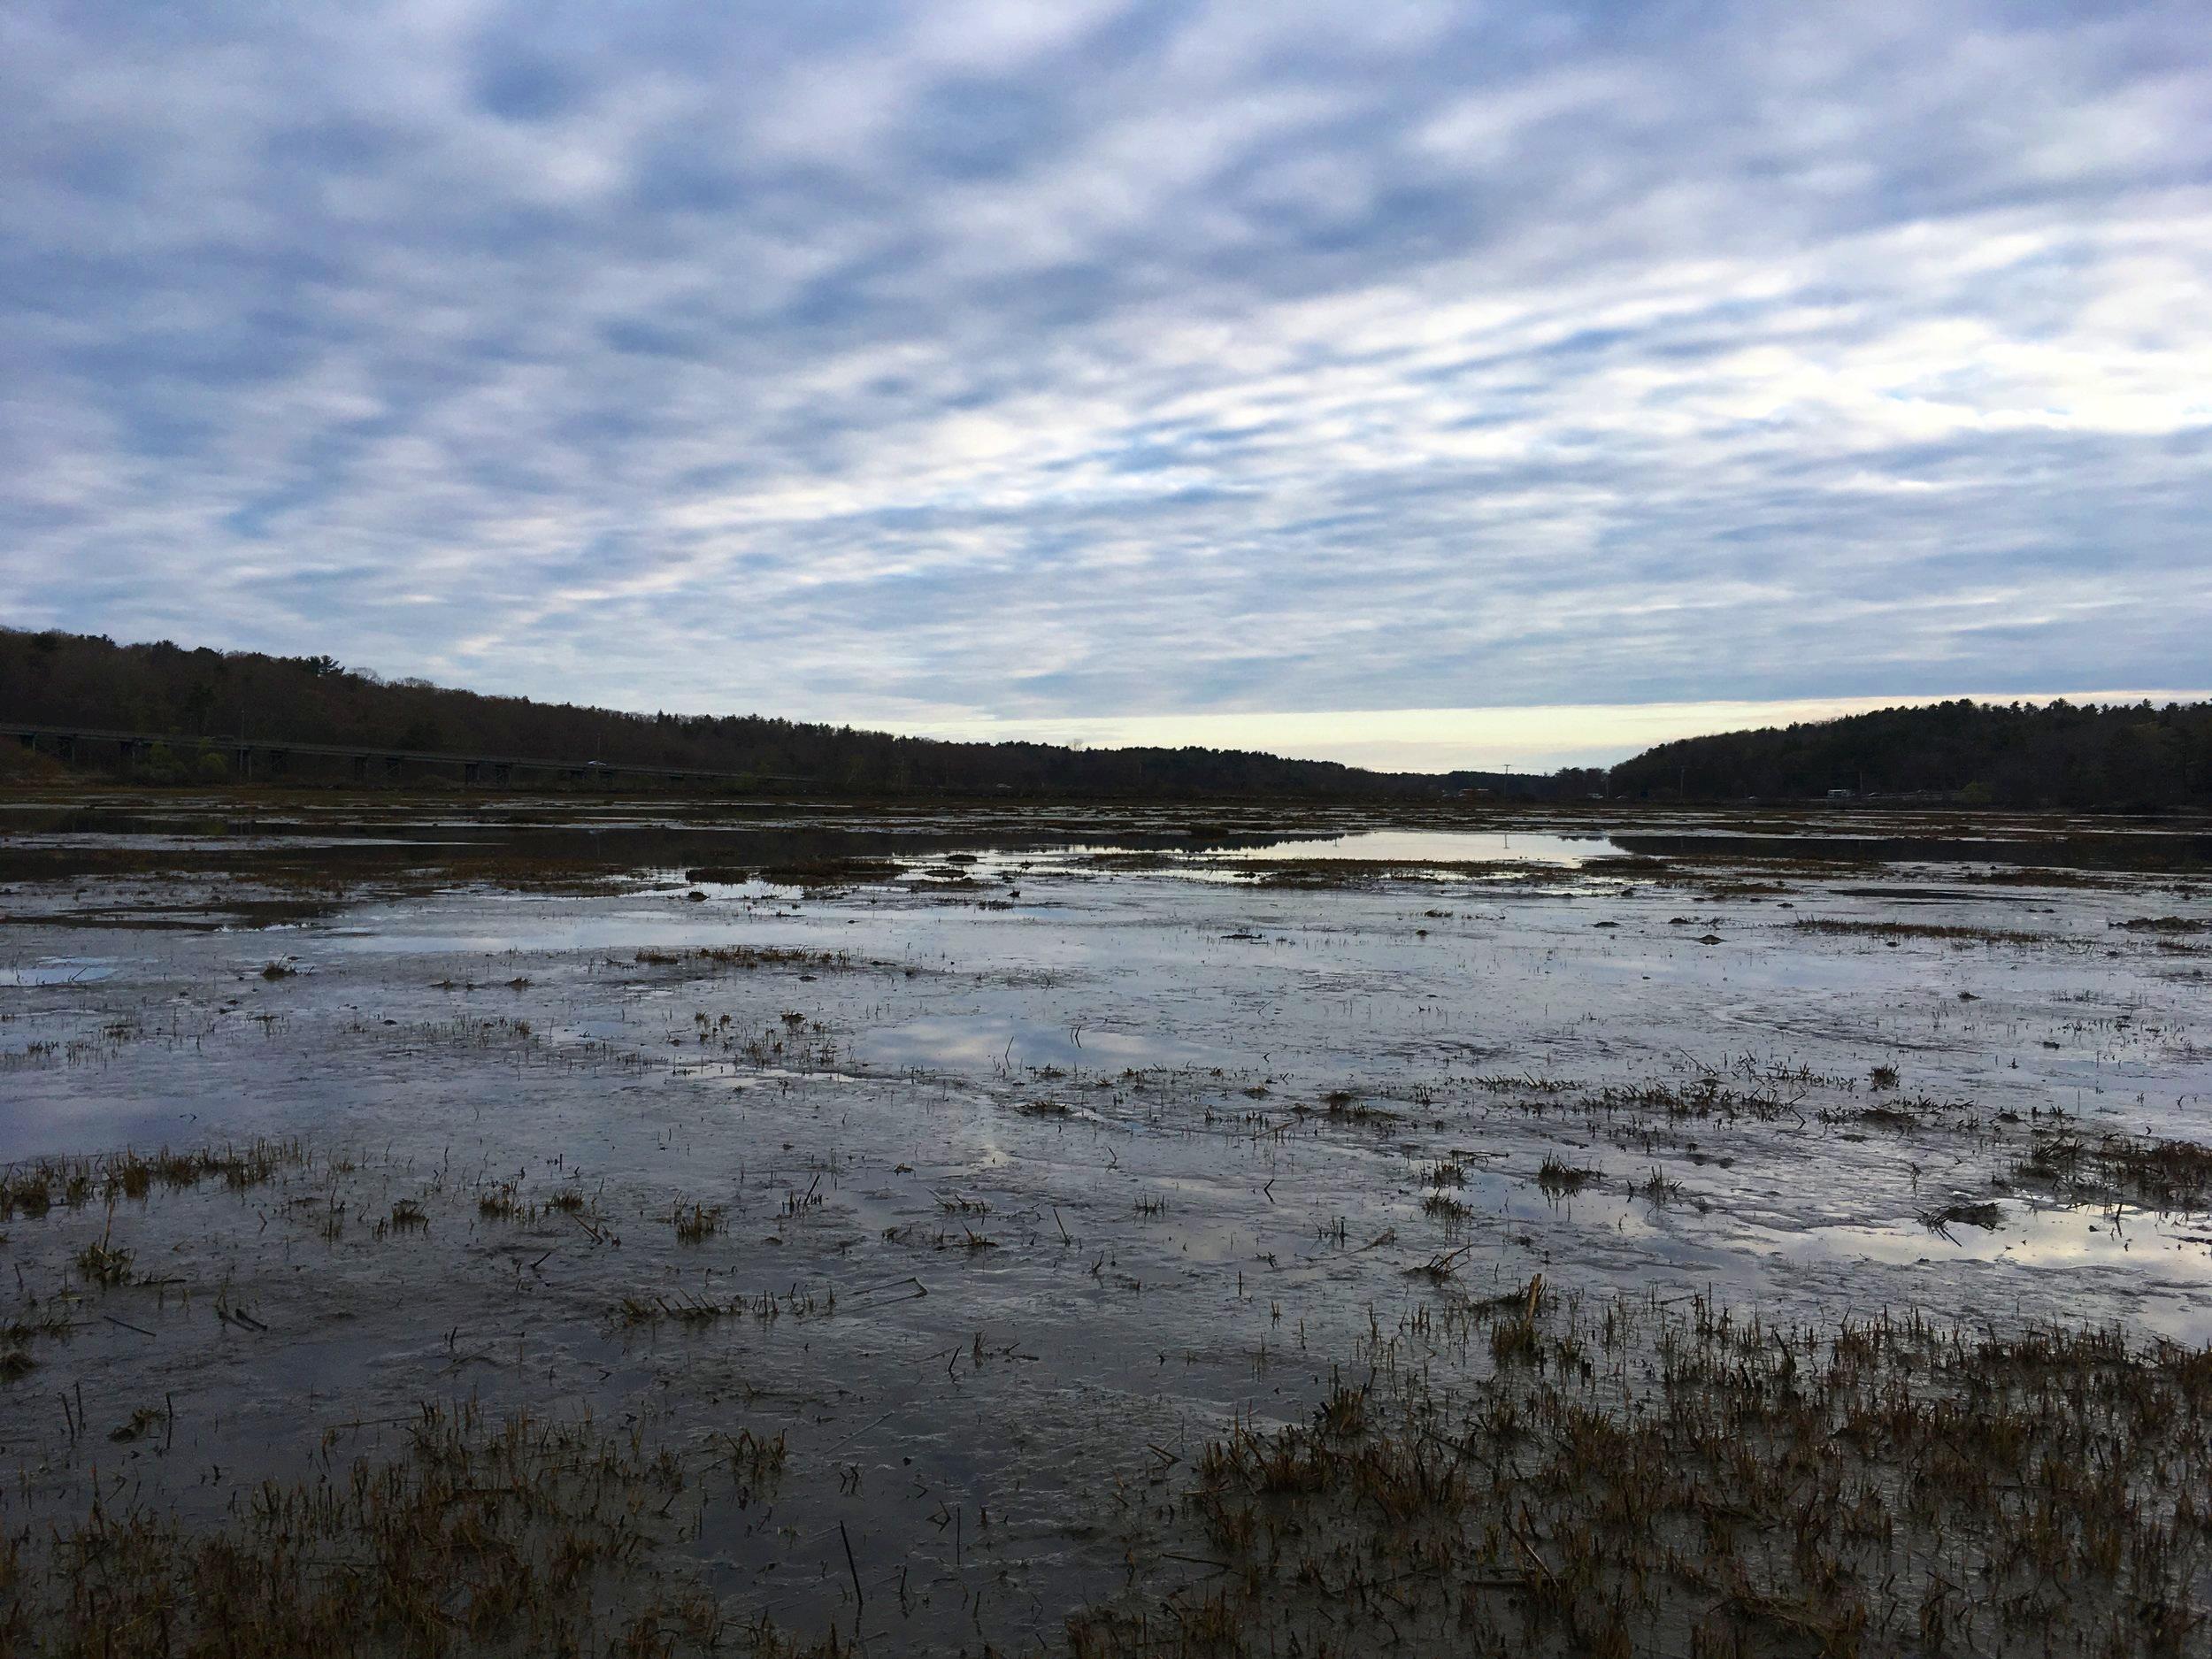 The mudflats at dawn.